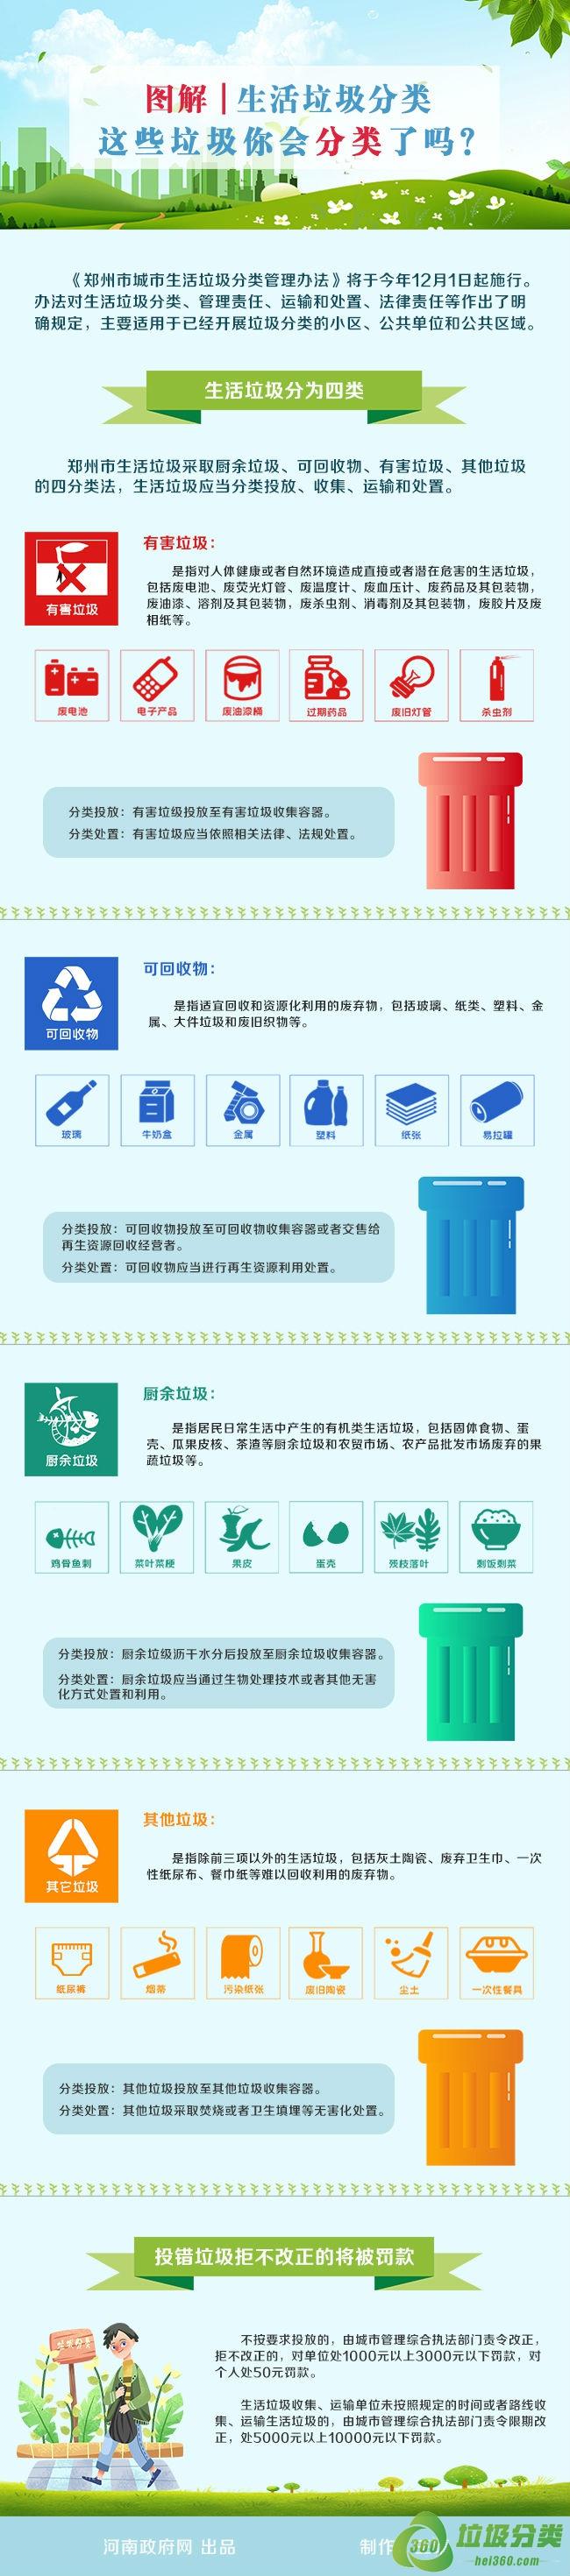 郑州市生活垃圾分类图解